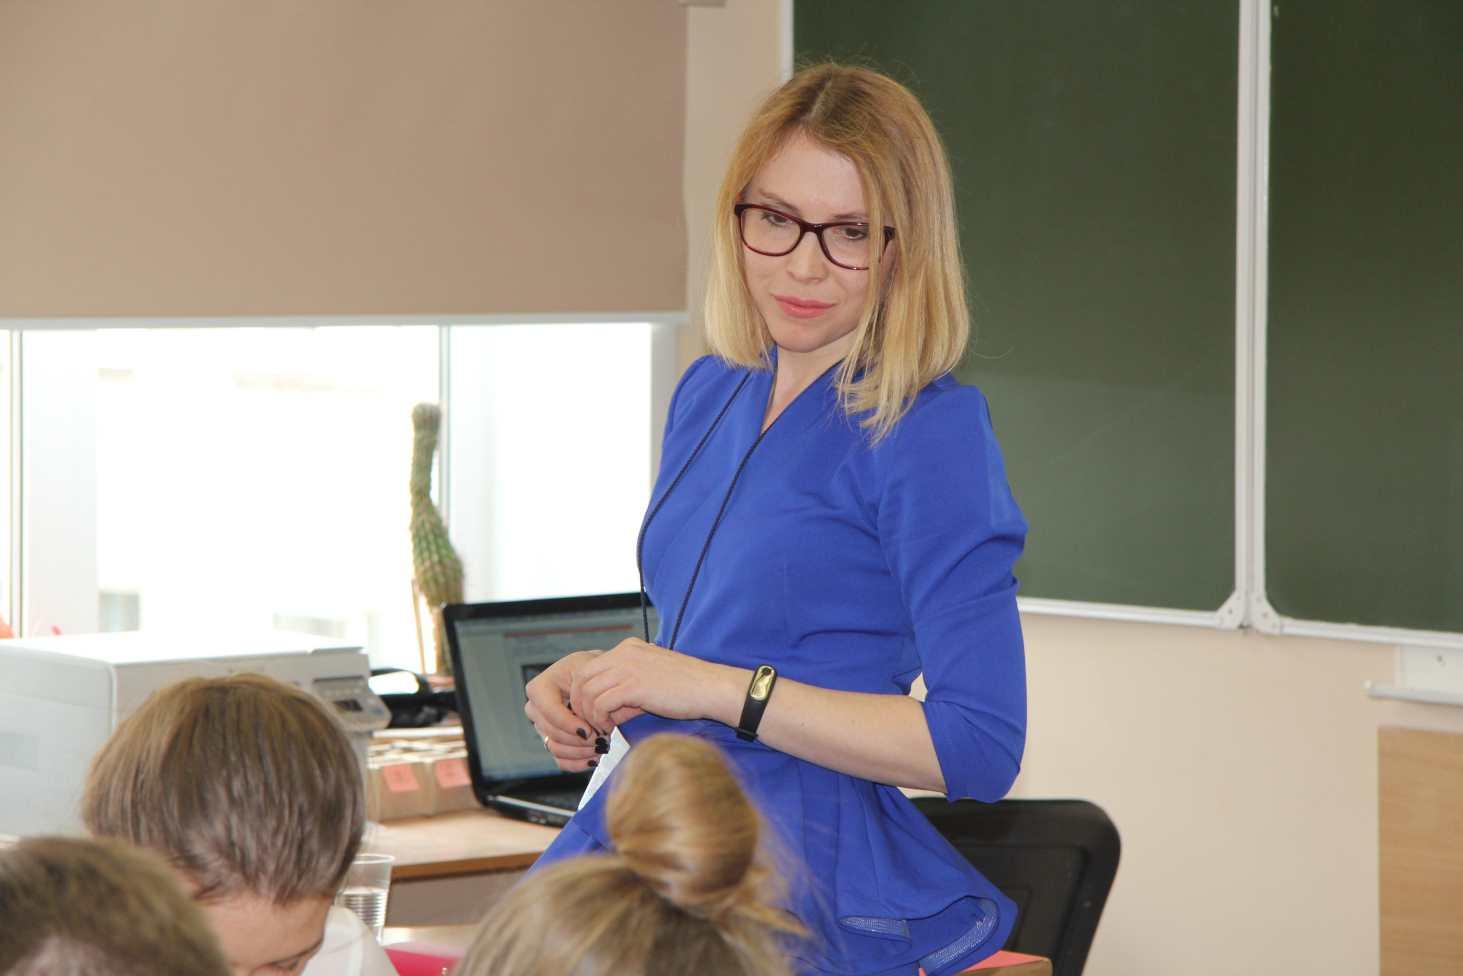 olga-vasileva-v-rossii-mozhet-poyavitsya-federalnyj-zakon-o-statuse-uchitelya